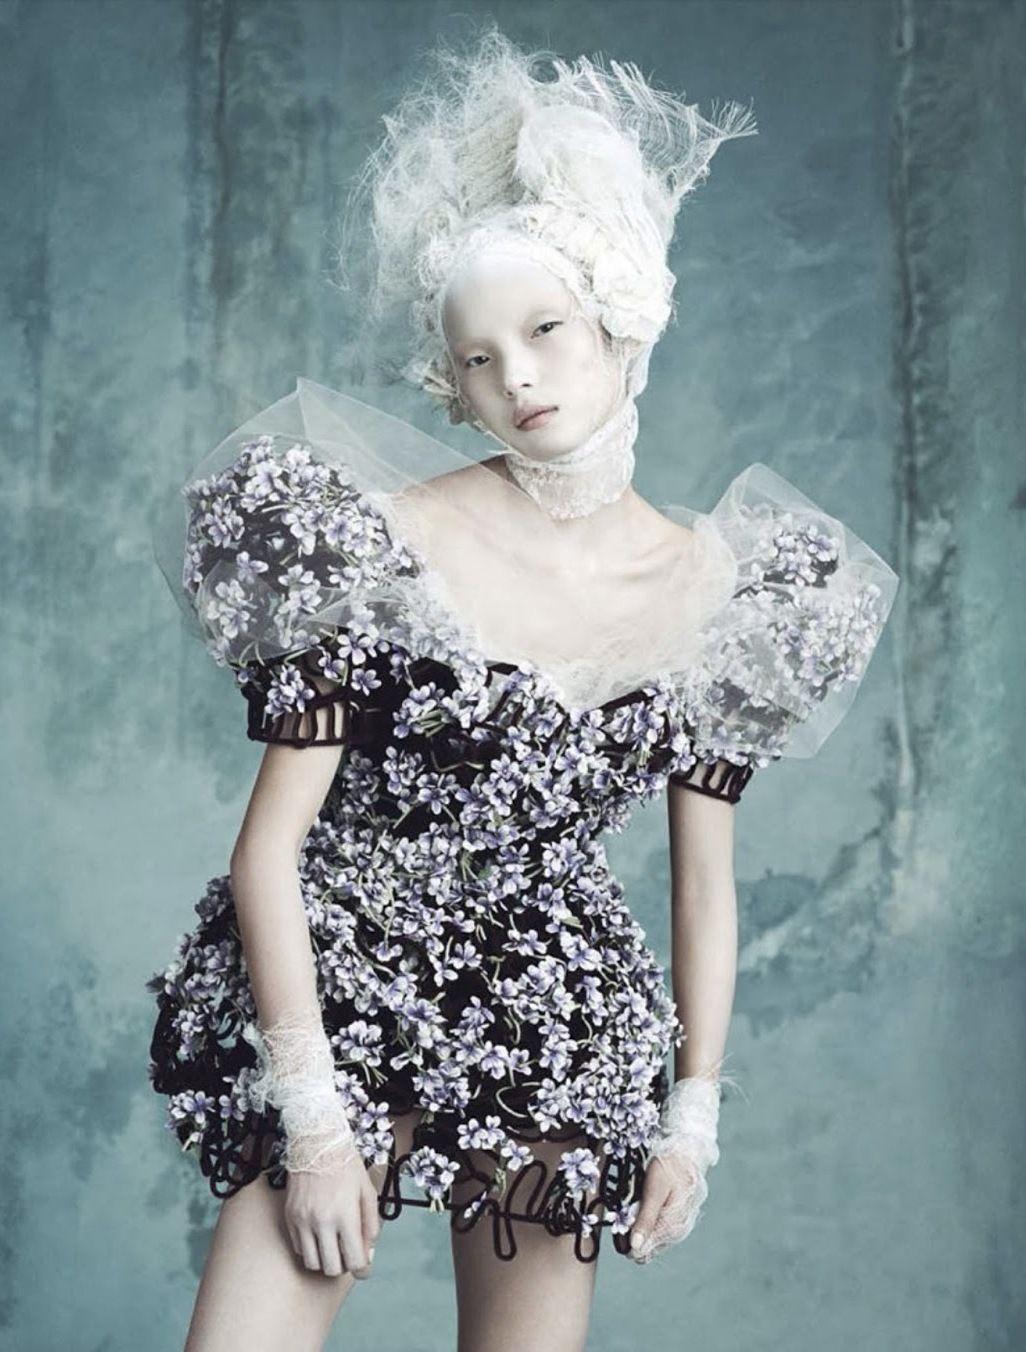 vogue 2014 03 12  220 Vogue Alemanha Abril 2014   Dolce & Gabbana Haute Couture por Luigi+Iango  [Editorial]